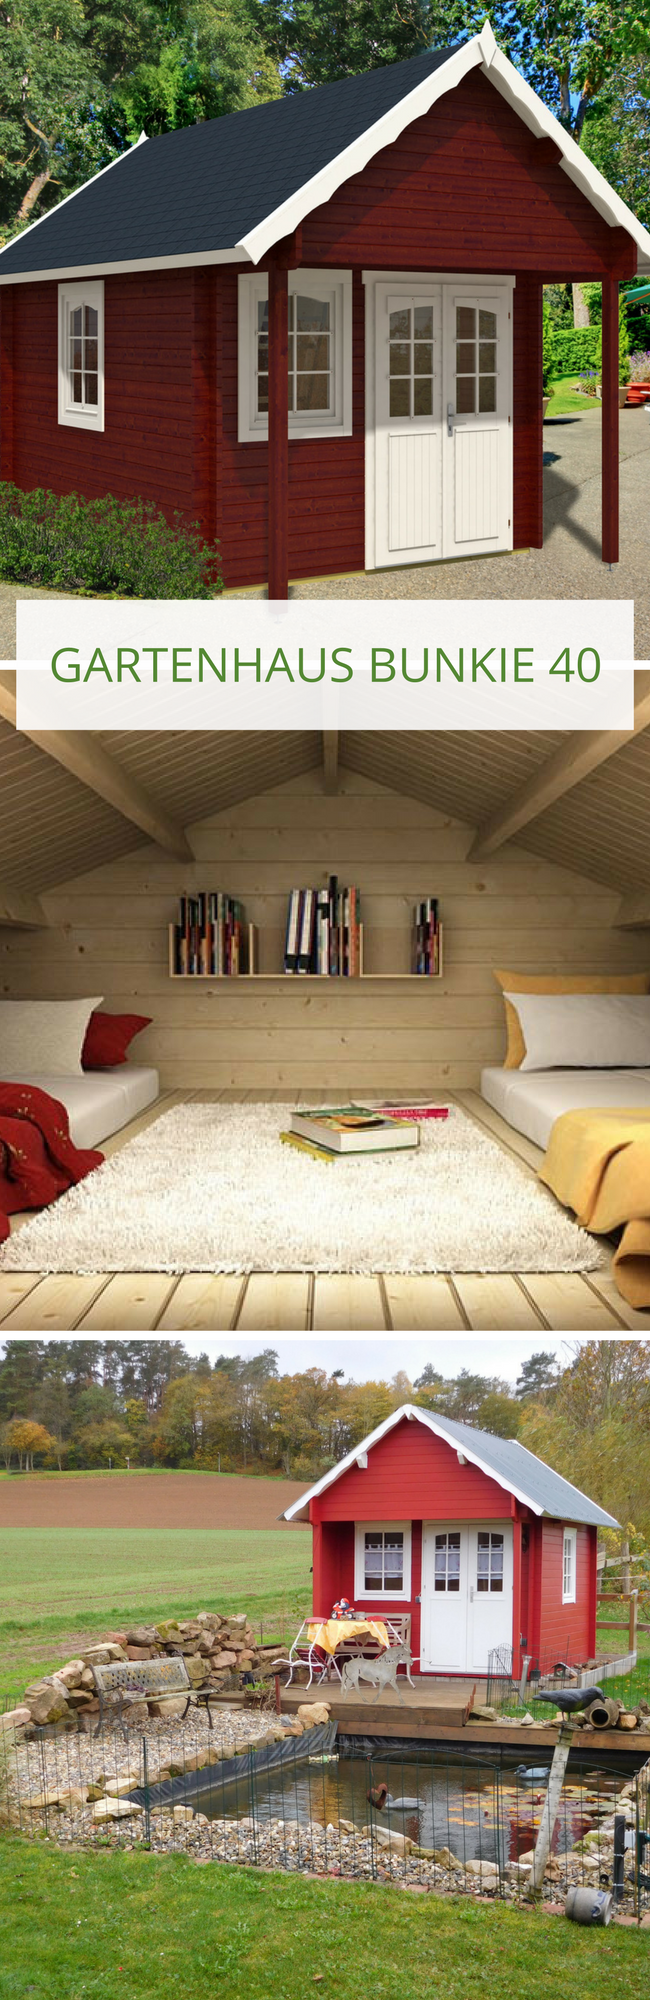 garten und freizeithaus bunkie 40 gartenhaus als g stehaus pinterest gartenhaus garten. Black Bedroom Furniture Sets. Home Design Ideas